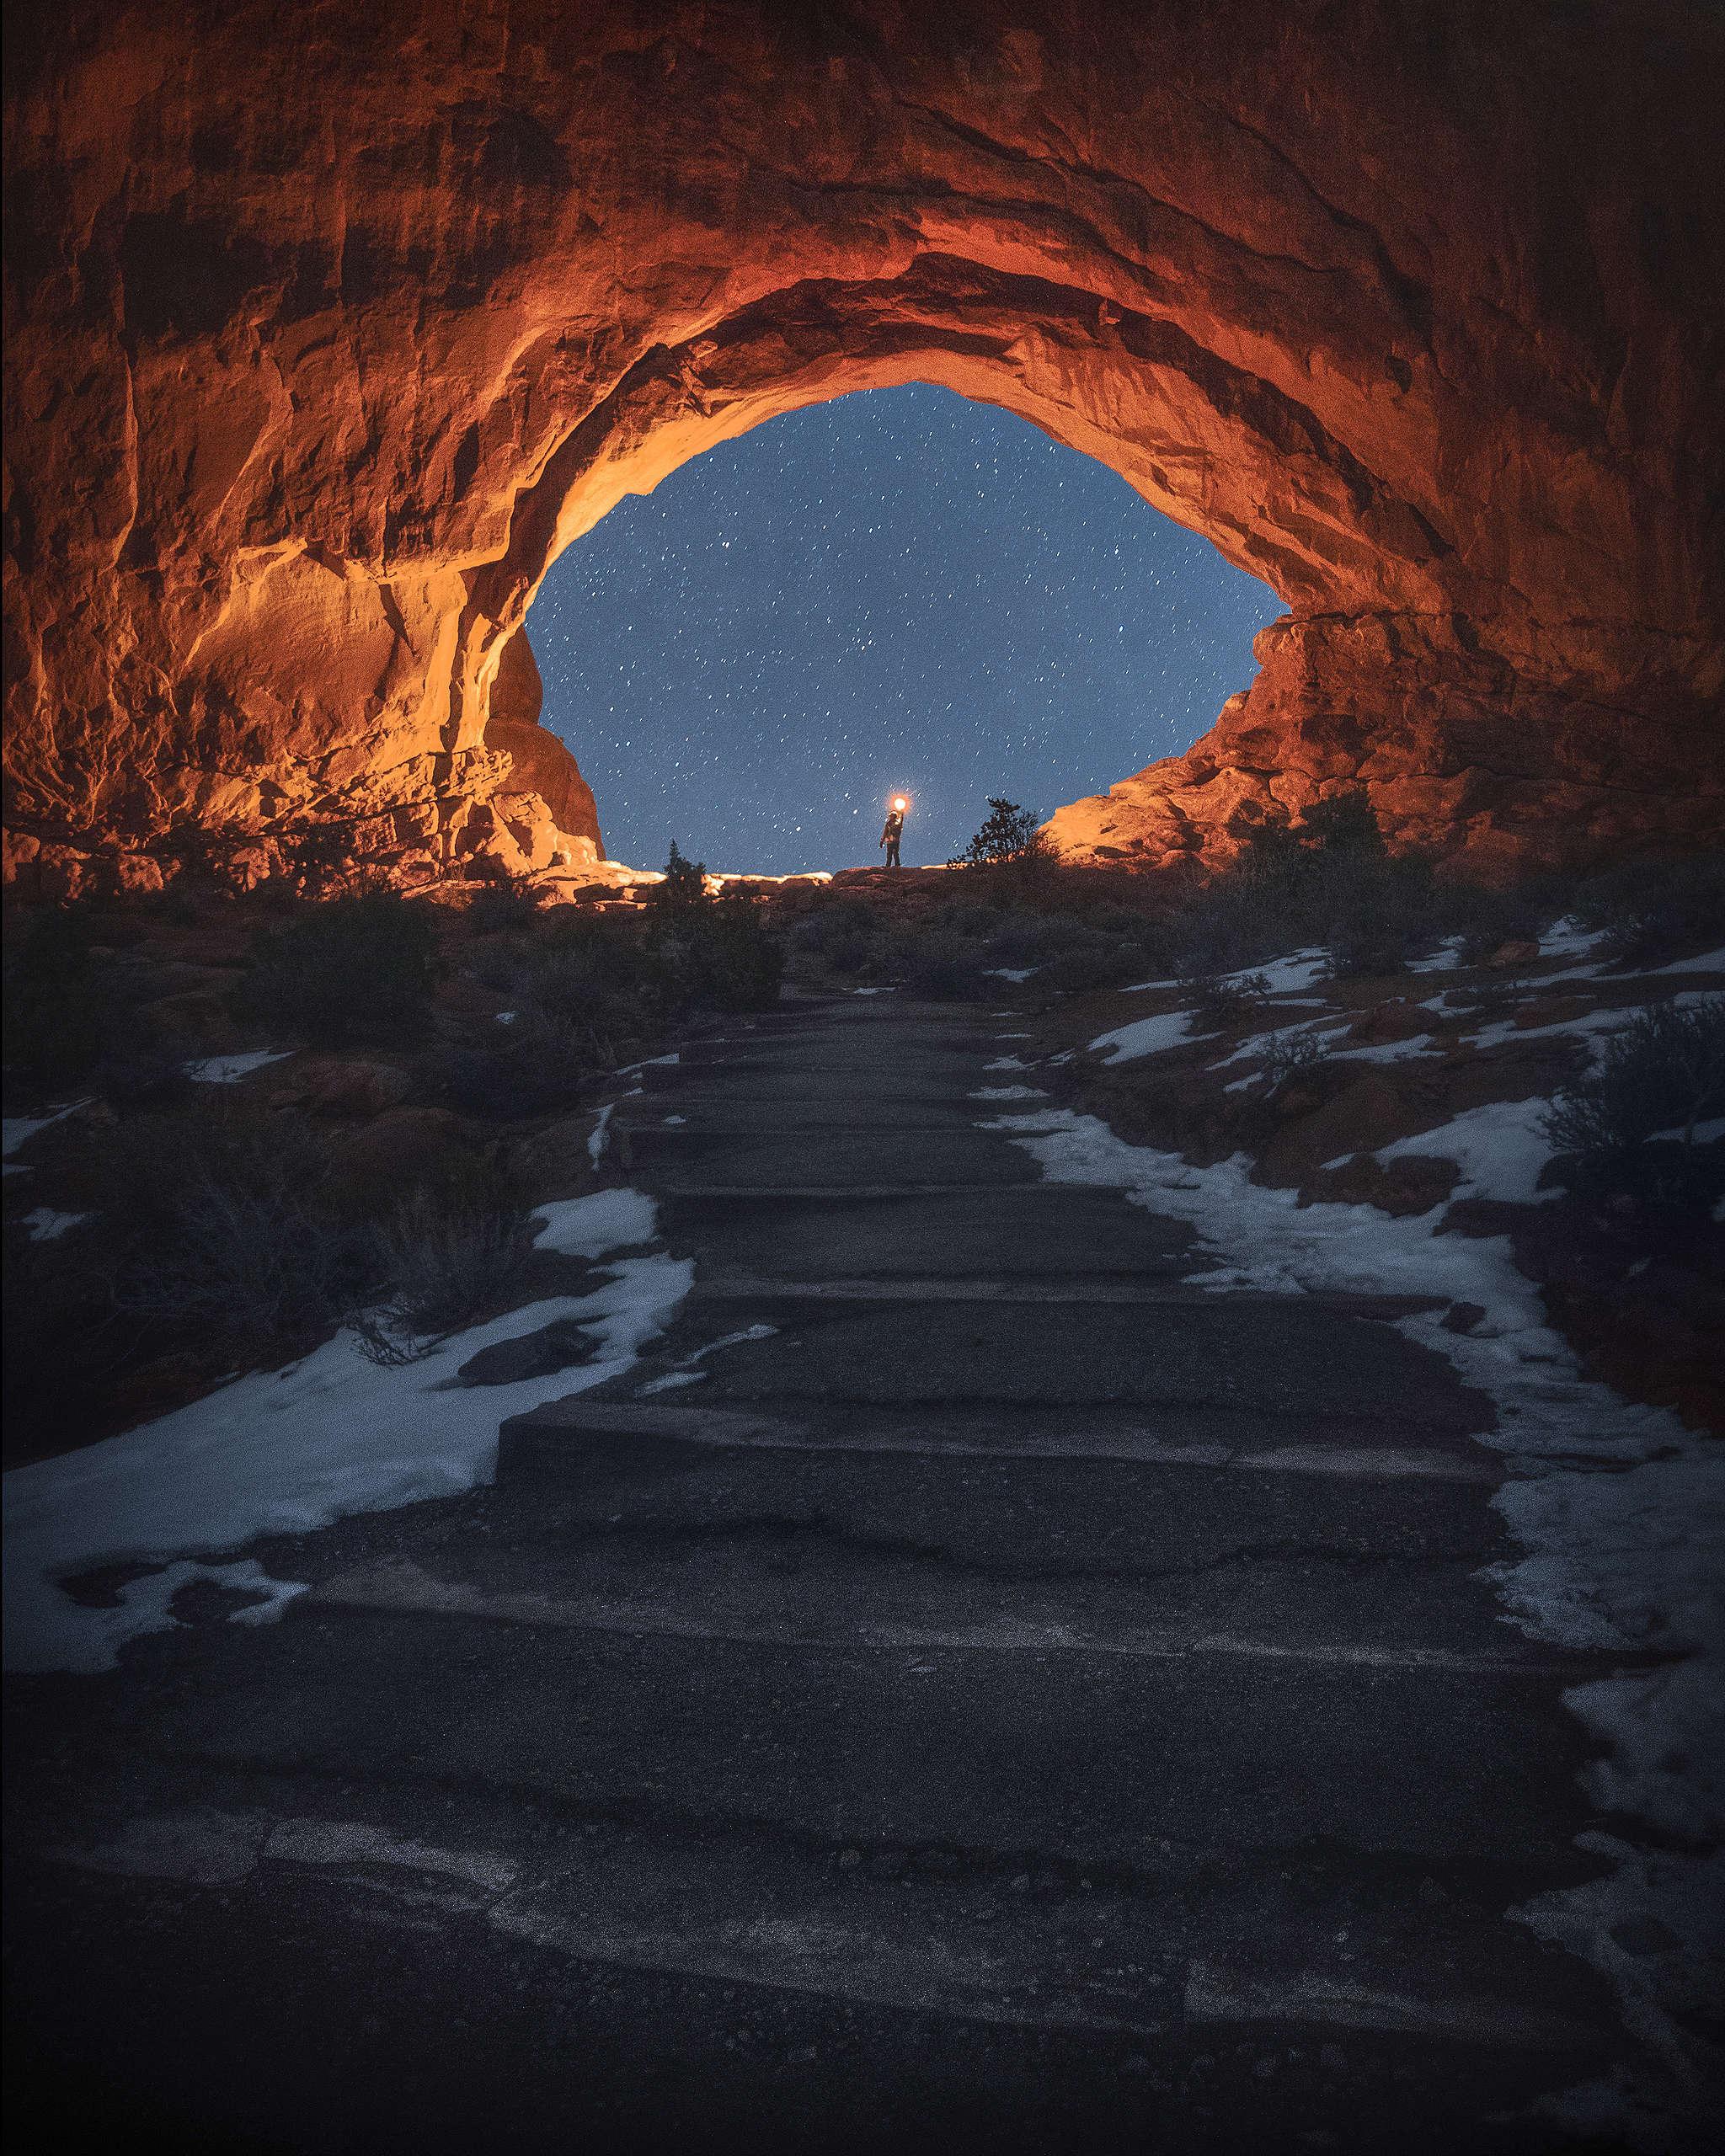 前住北窗拱門的步道。(20s F2.8 ISO6400)© Kelvin Yuen